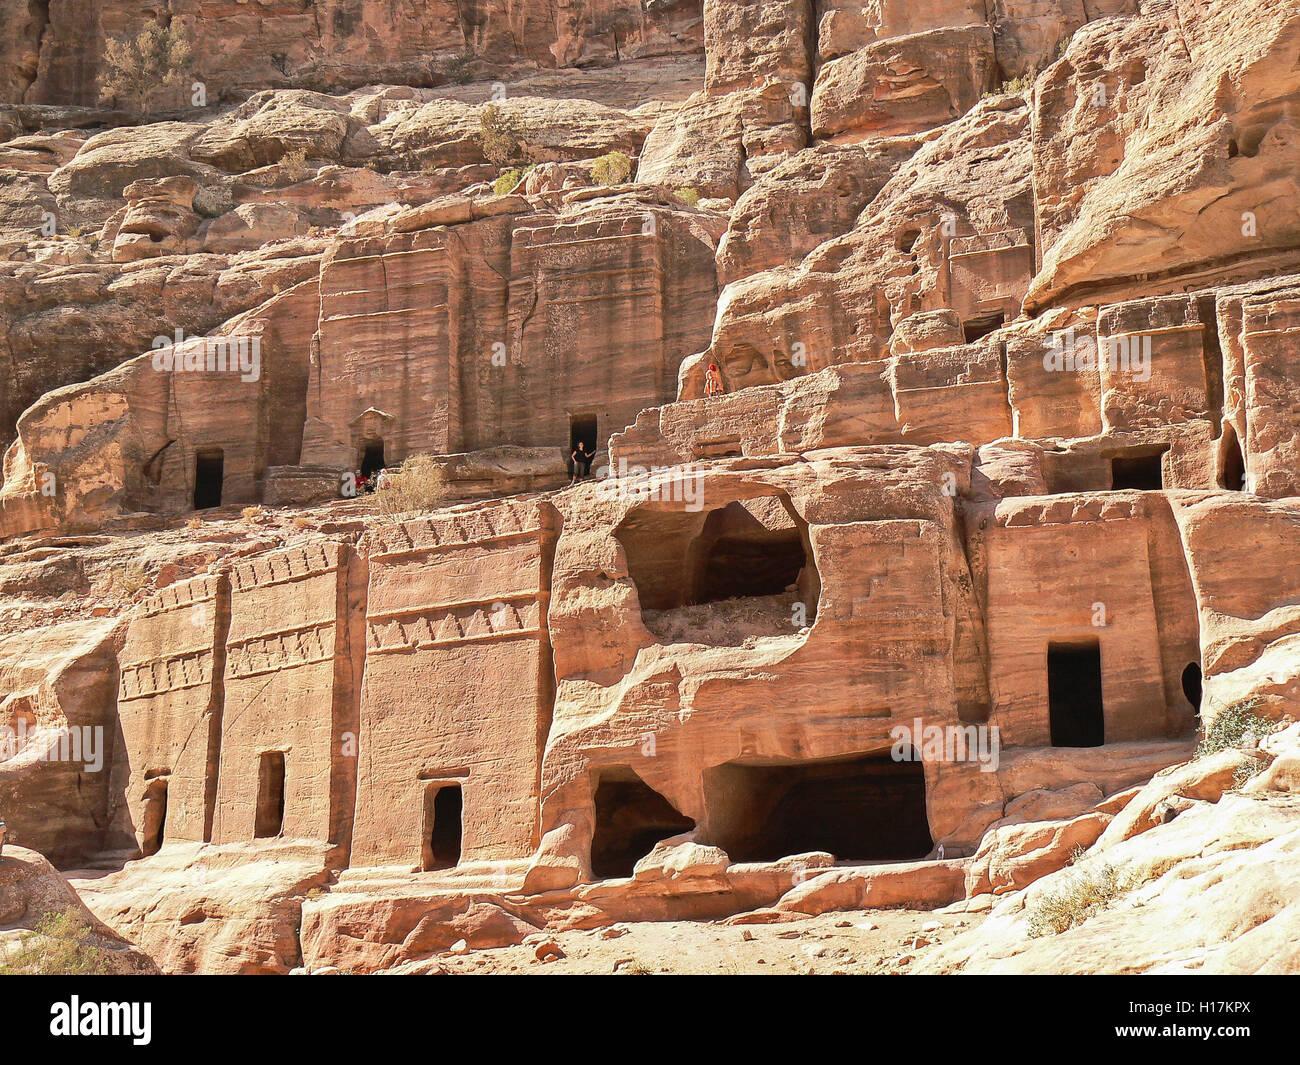 Street of Facades, Tombs of Petra, Jordan - Stock Image